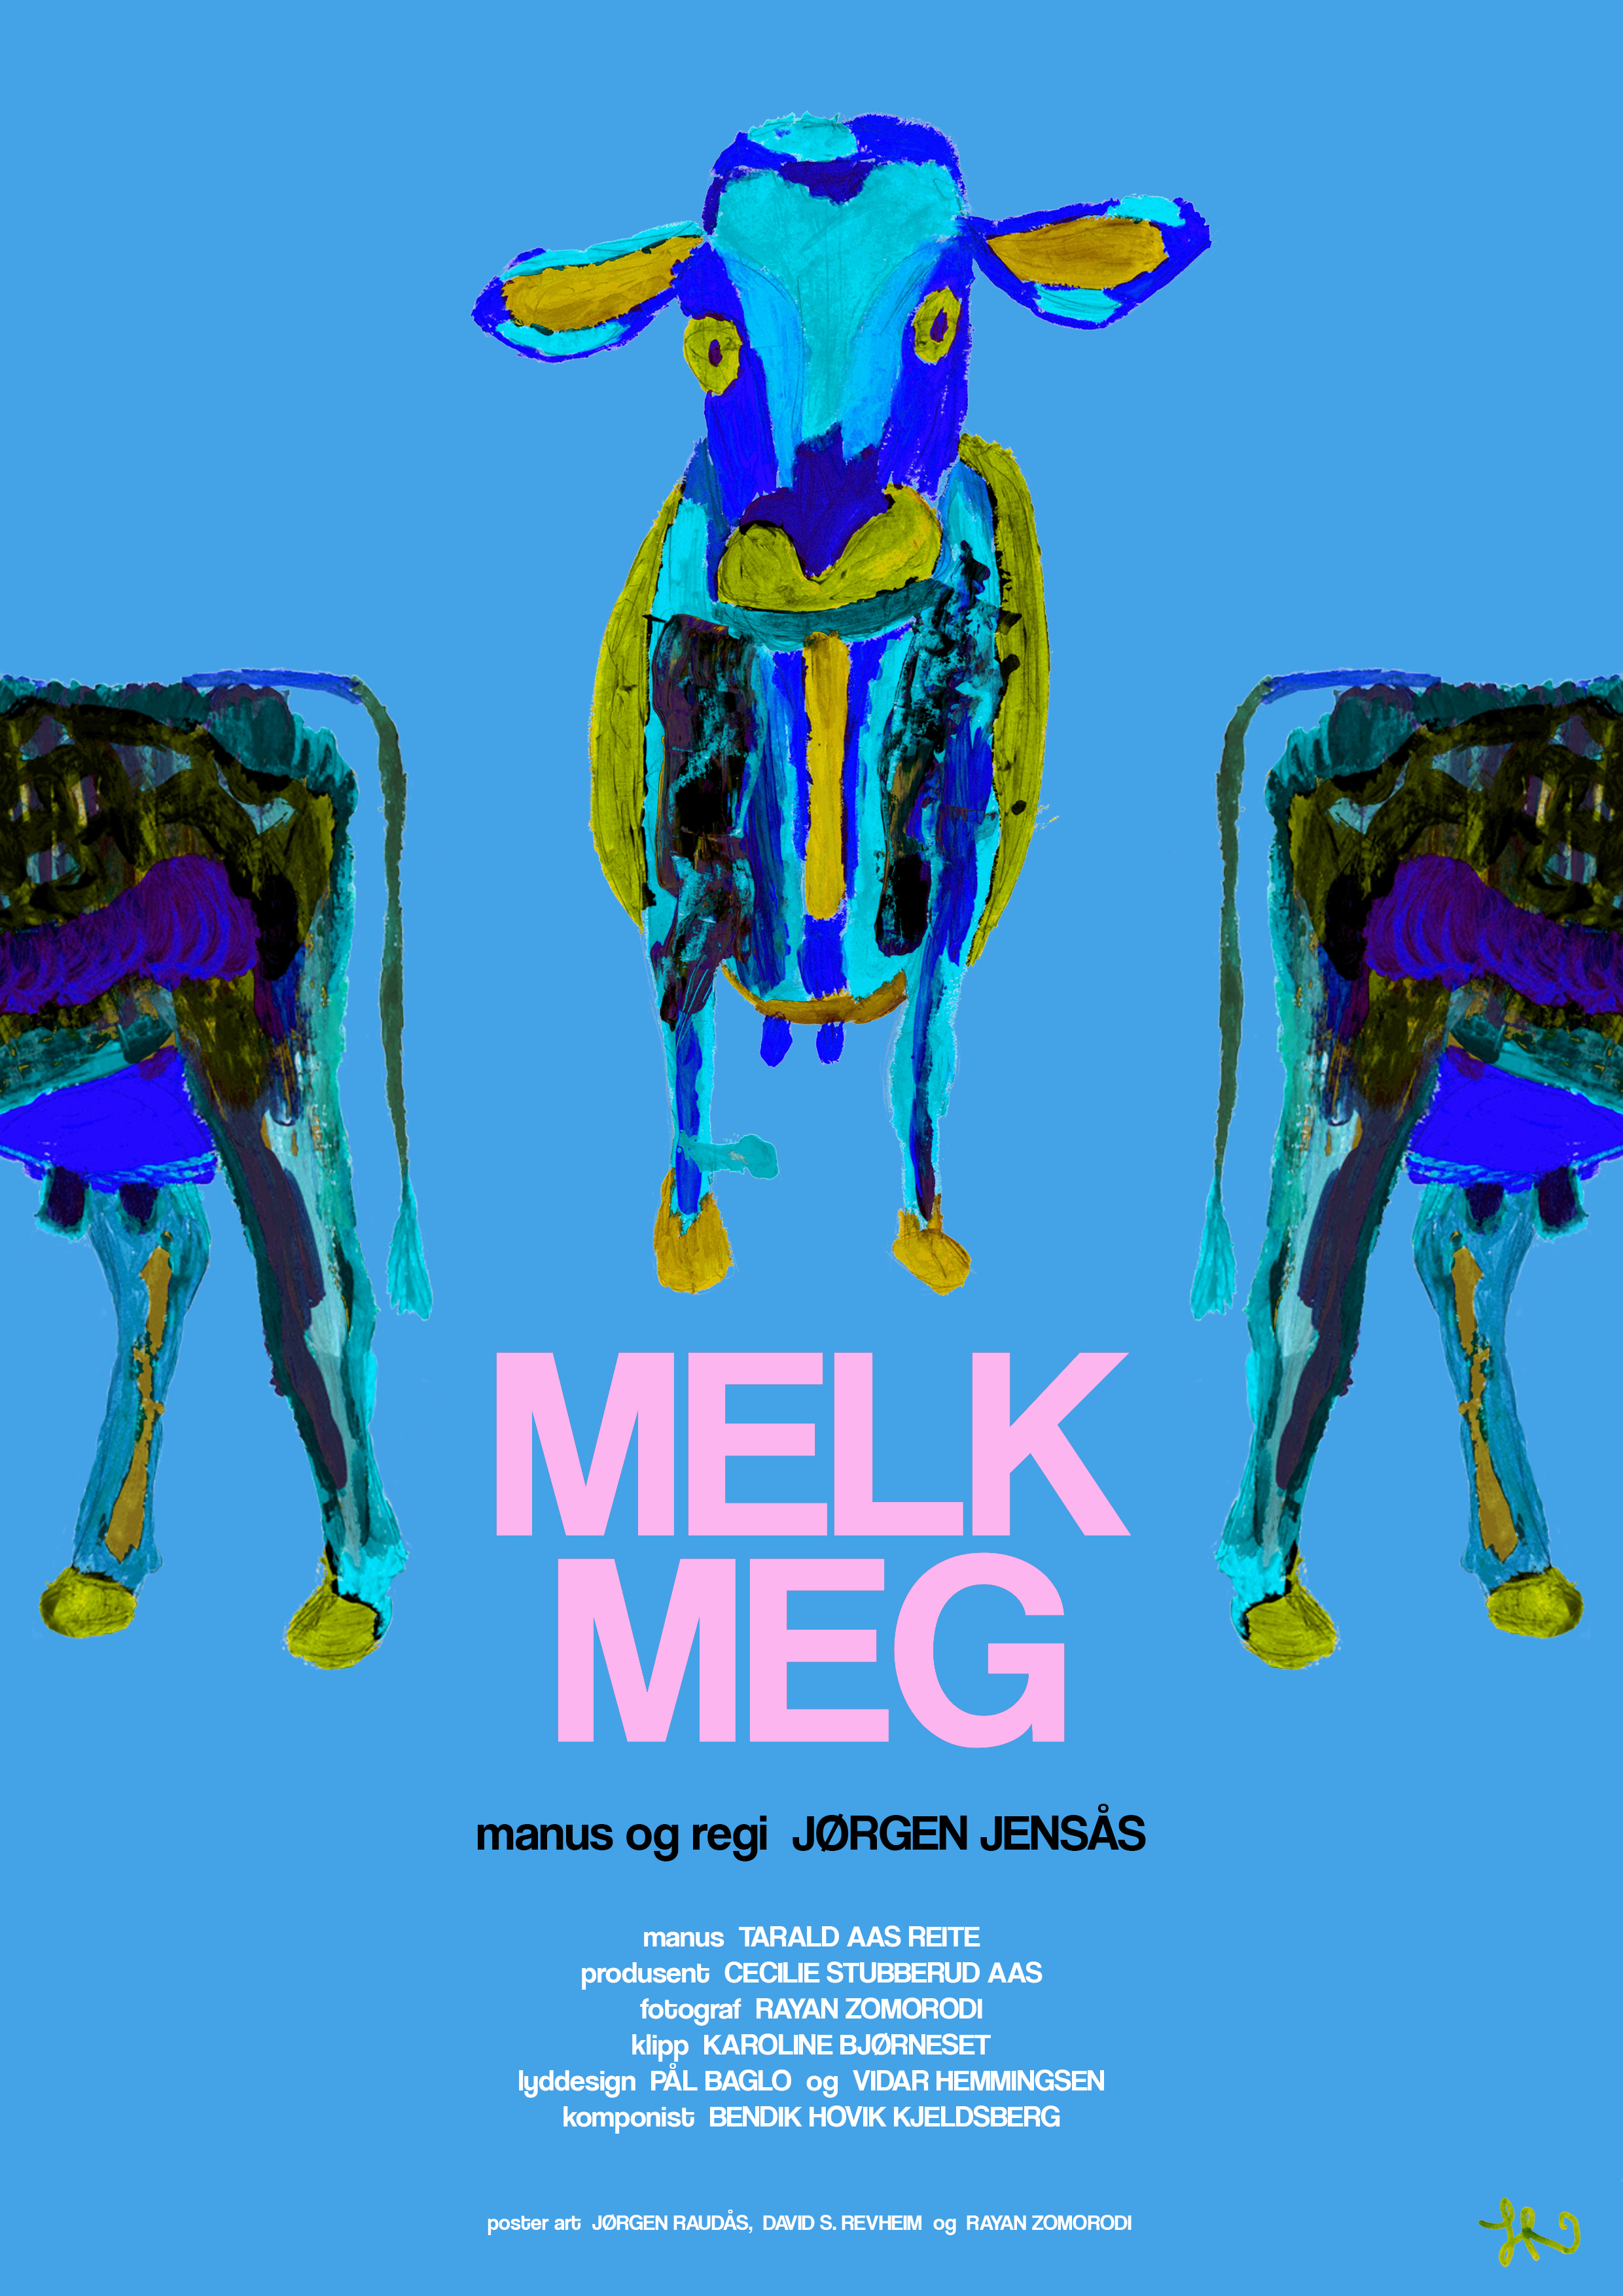 Westerdals Institutt for Film og Medier - Melk Meg